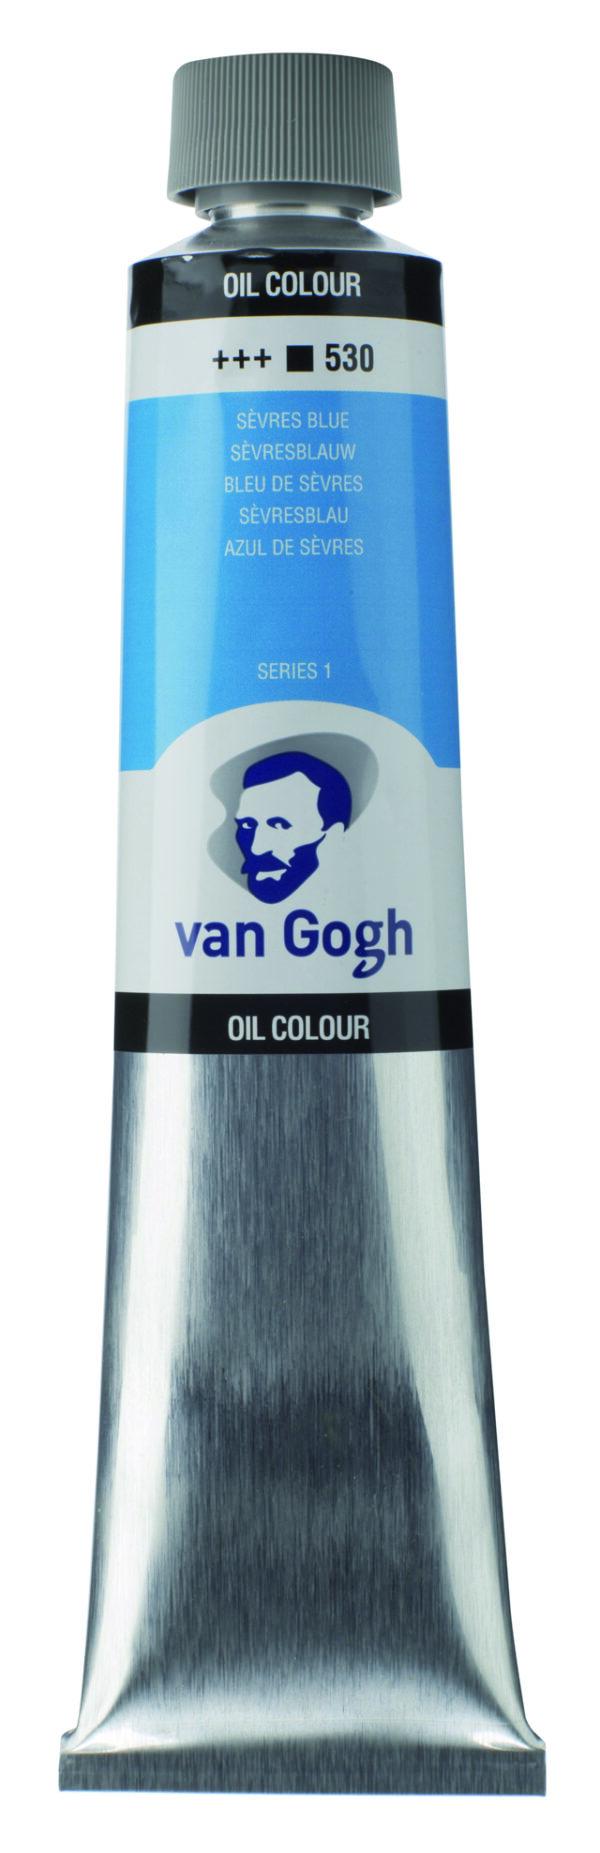 Van Gogh 530 Sèvres blue - 200 ml